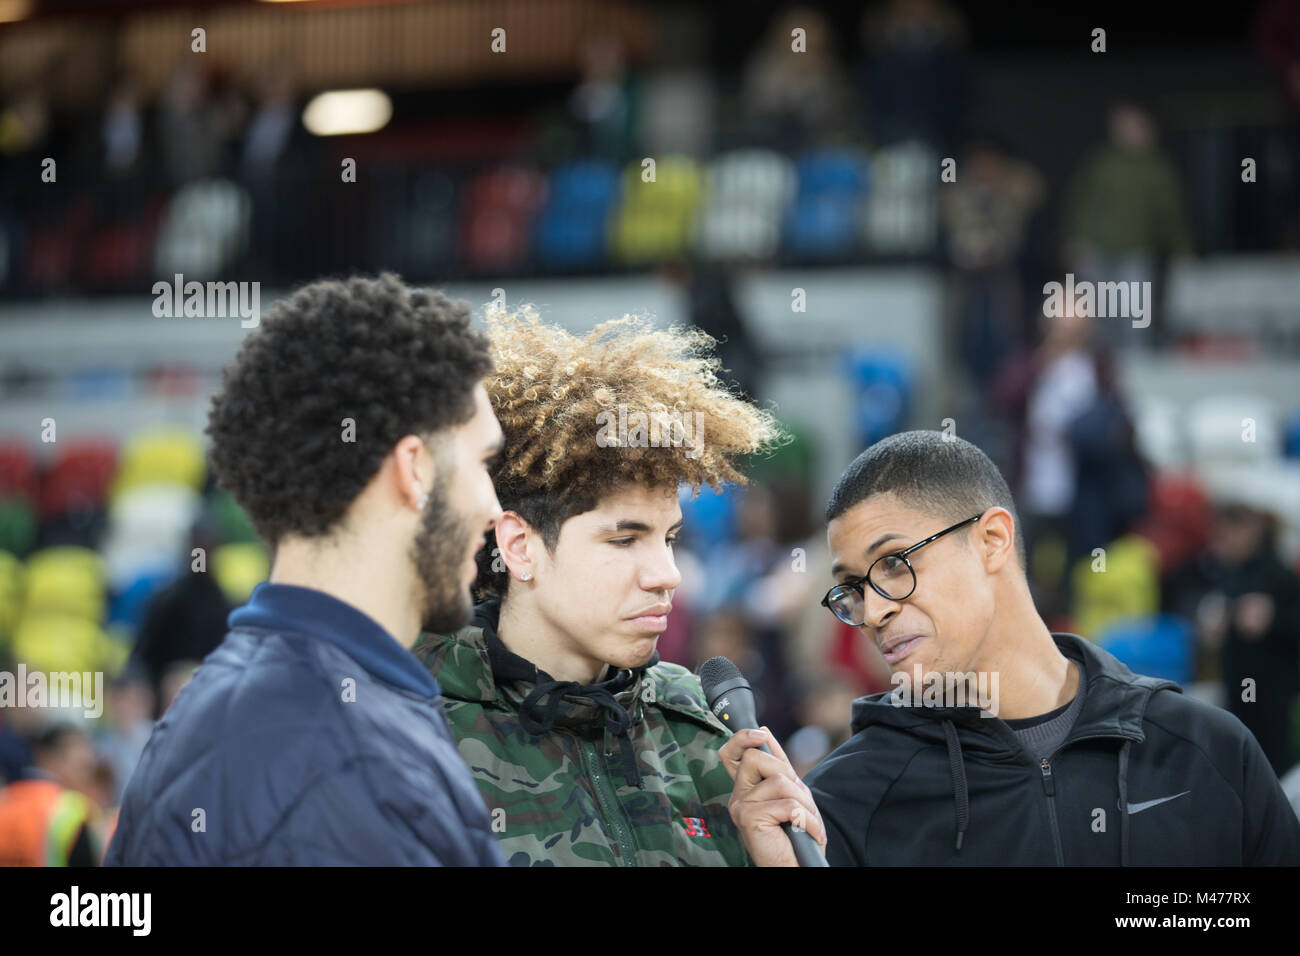 Londres, Reino Unido el 14 de febrero, 2018. Bola de lavar y su familia en el BBL baloncesto primera pierna semi Imagen De Stock